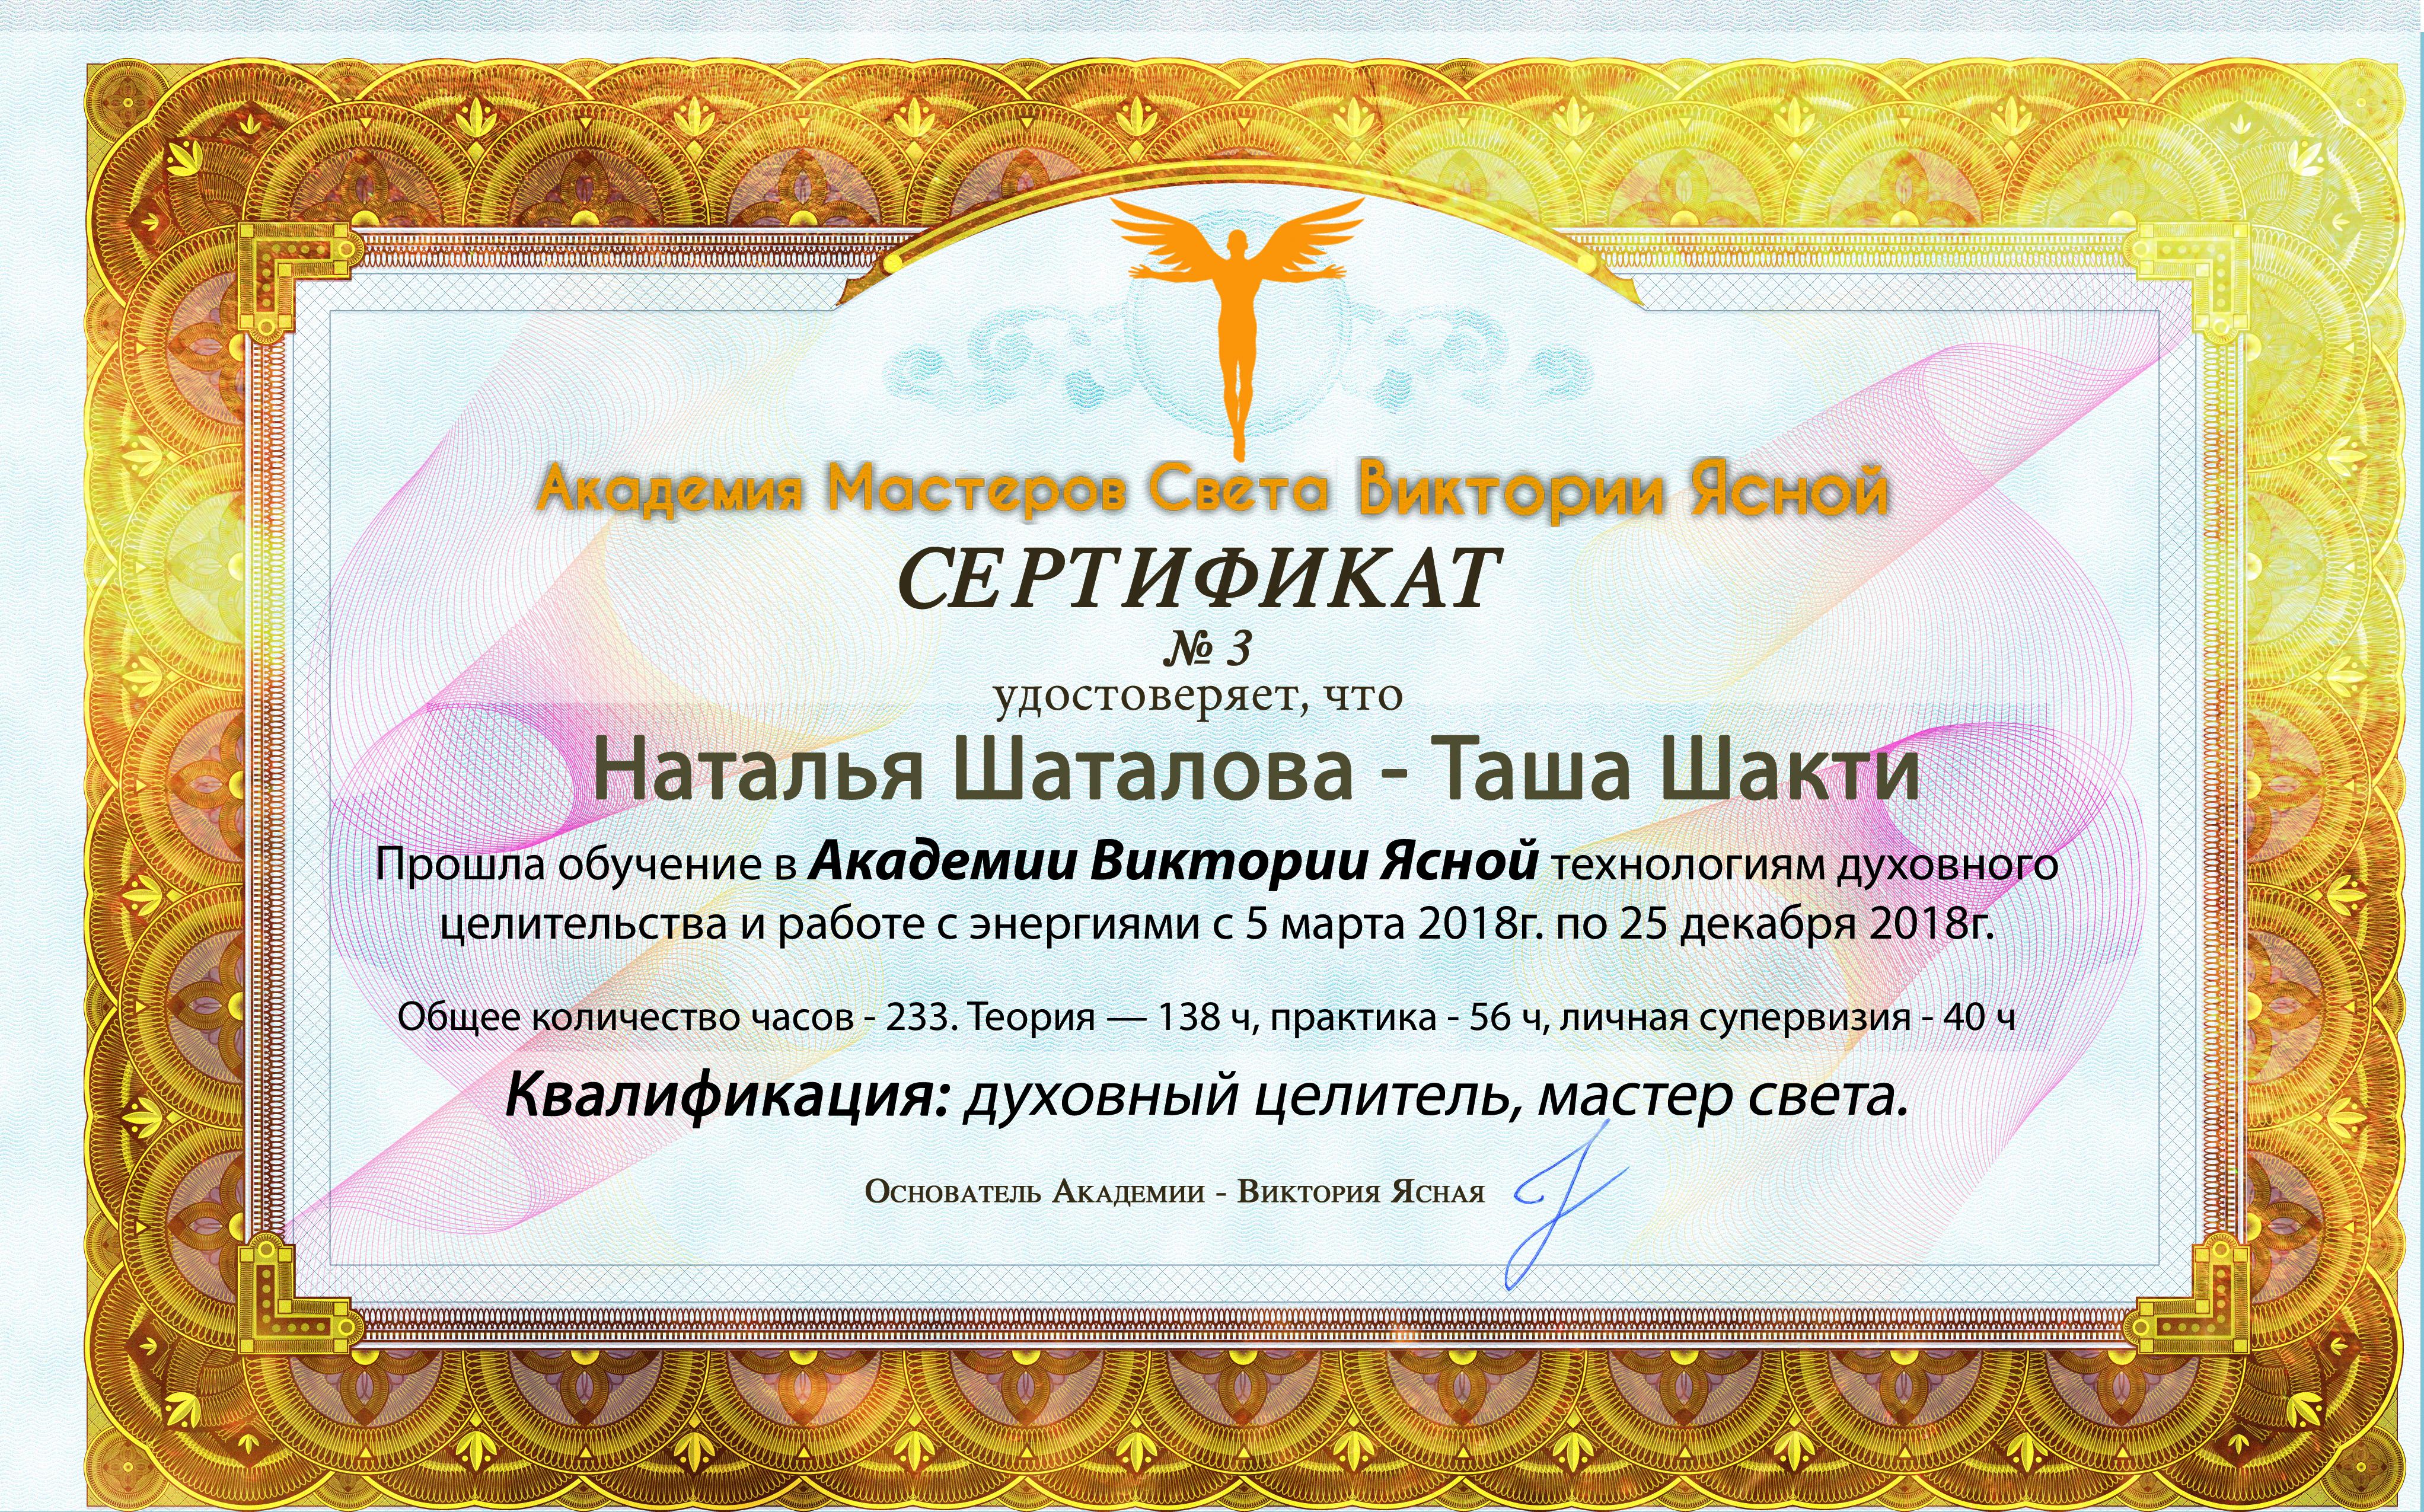 Сертификат Академии Мастеров Света 3 Наталья Шаталова22